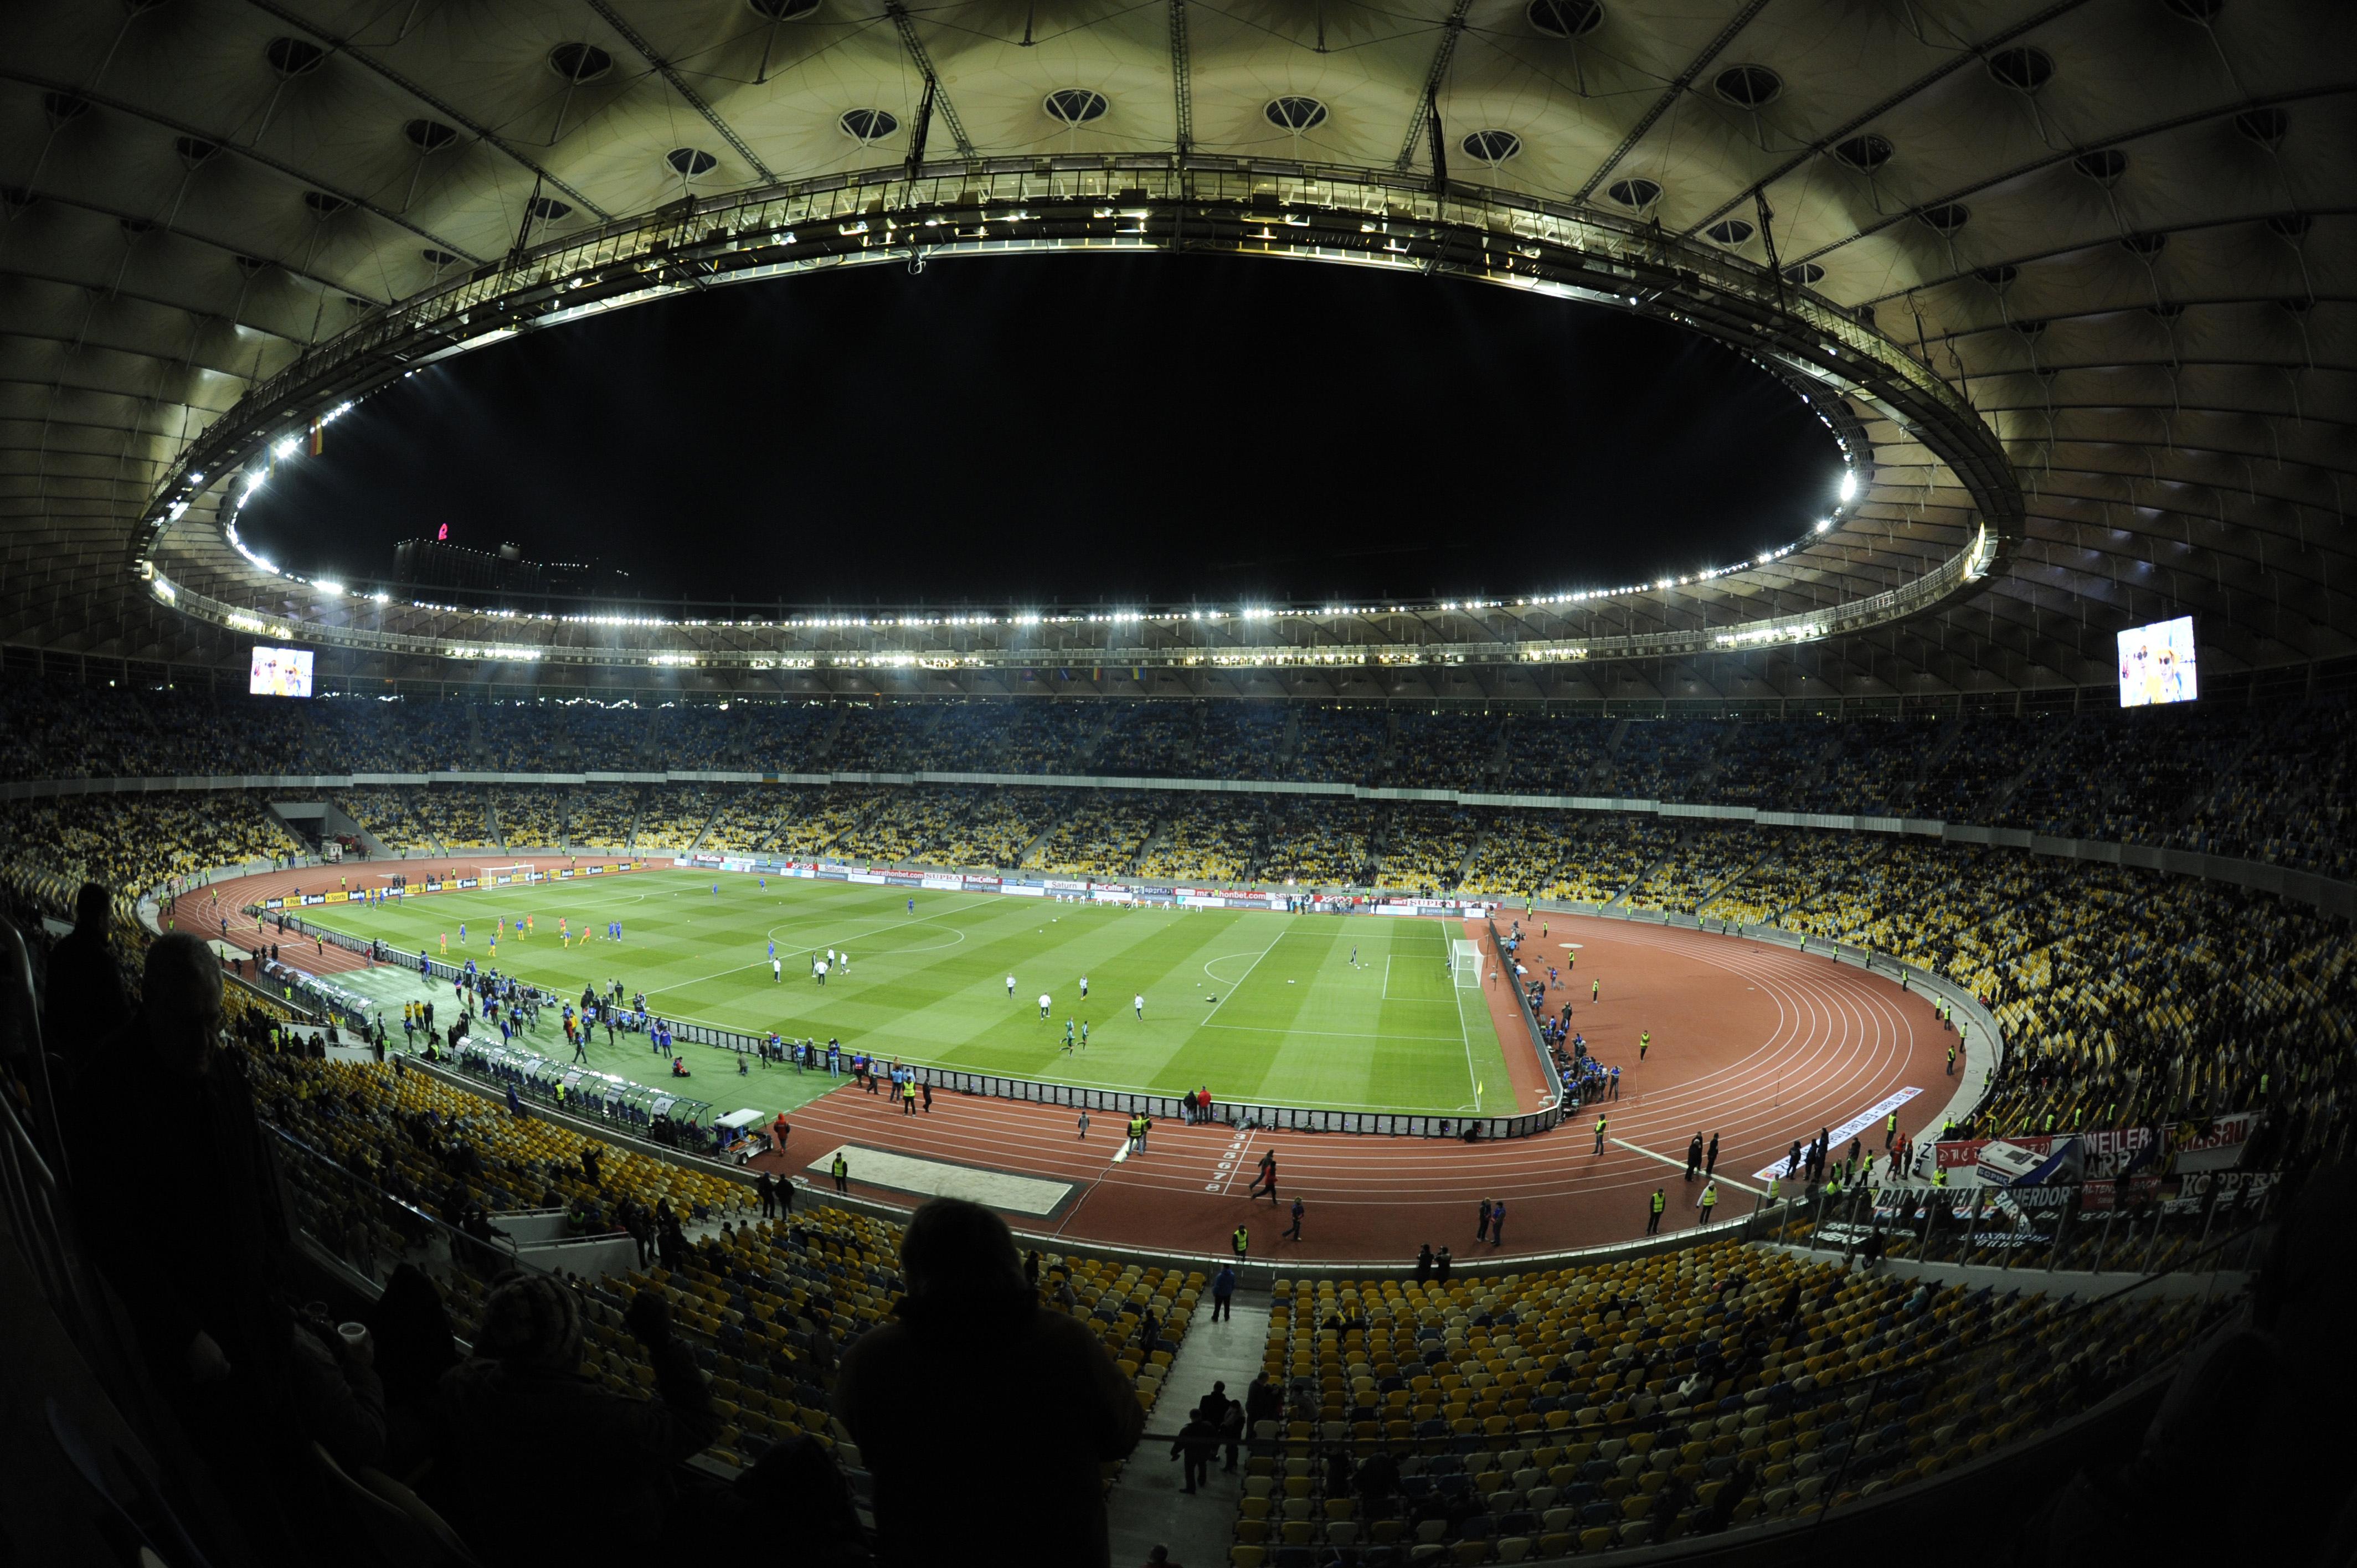 Где находится стадион олимпийский